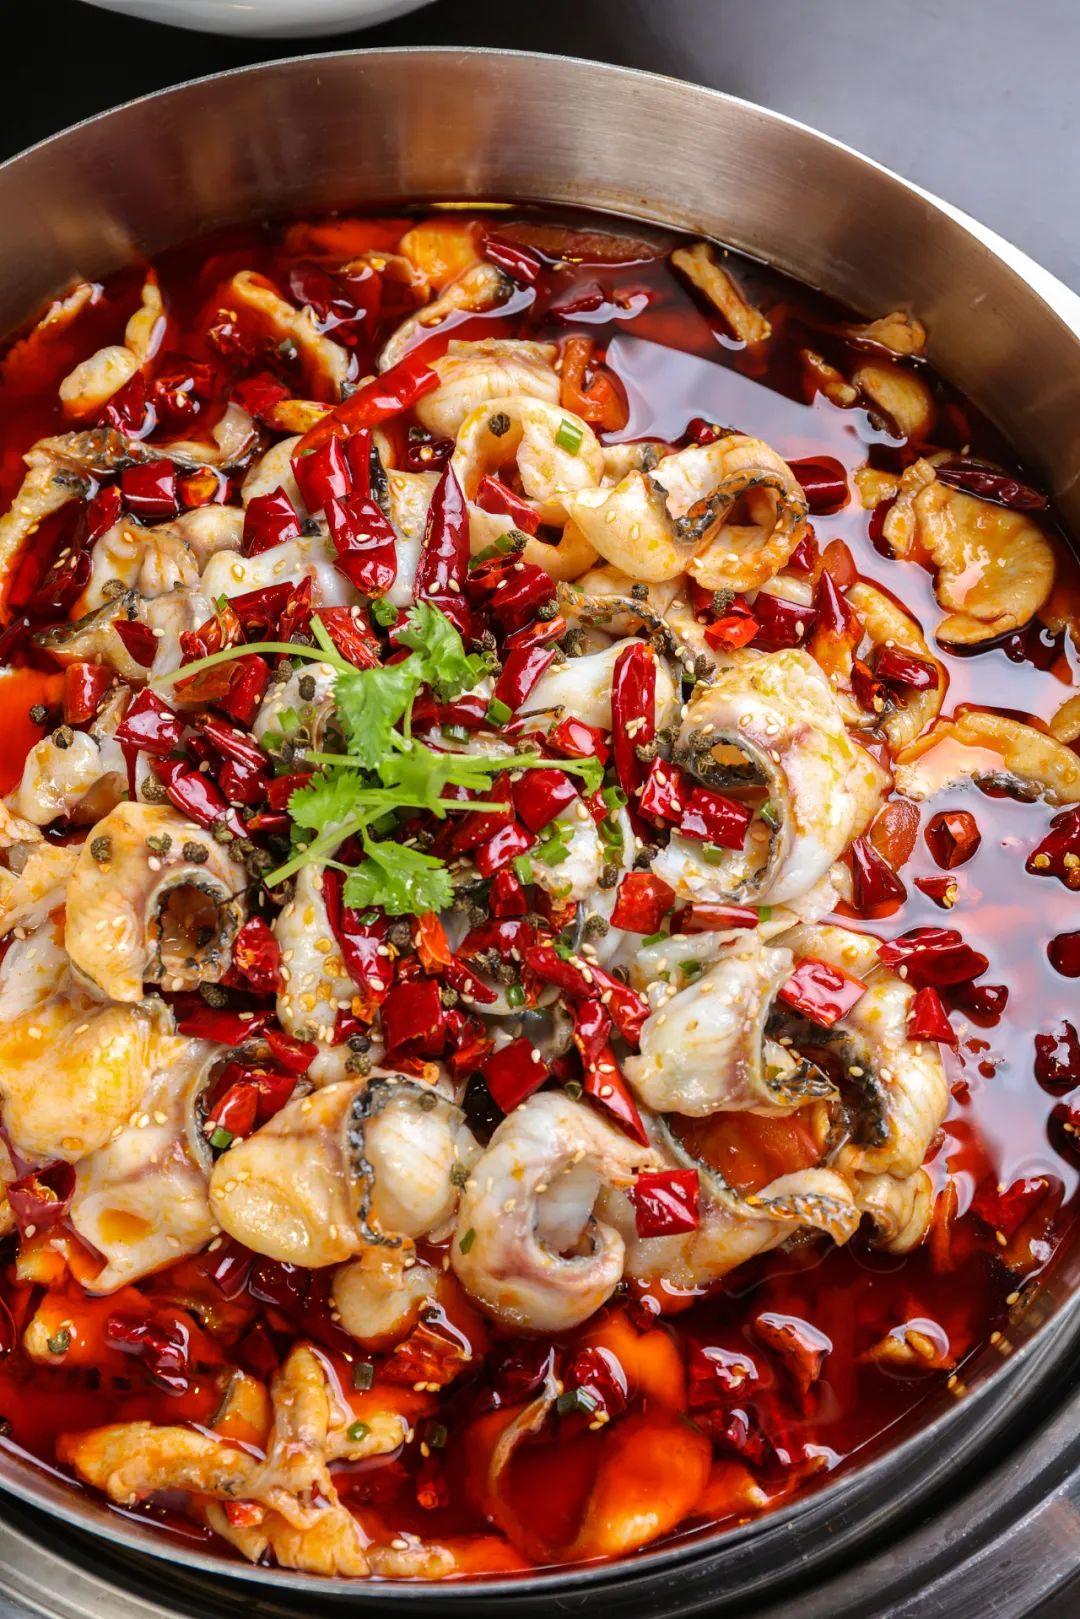 ▲ 水煮鱼要的就是这个红火狂放劲儿!图/视觉中国